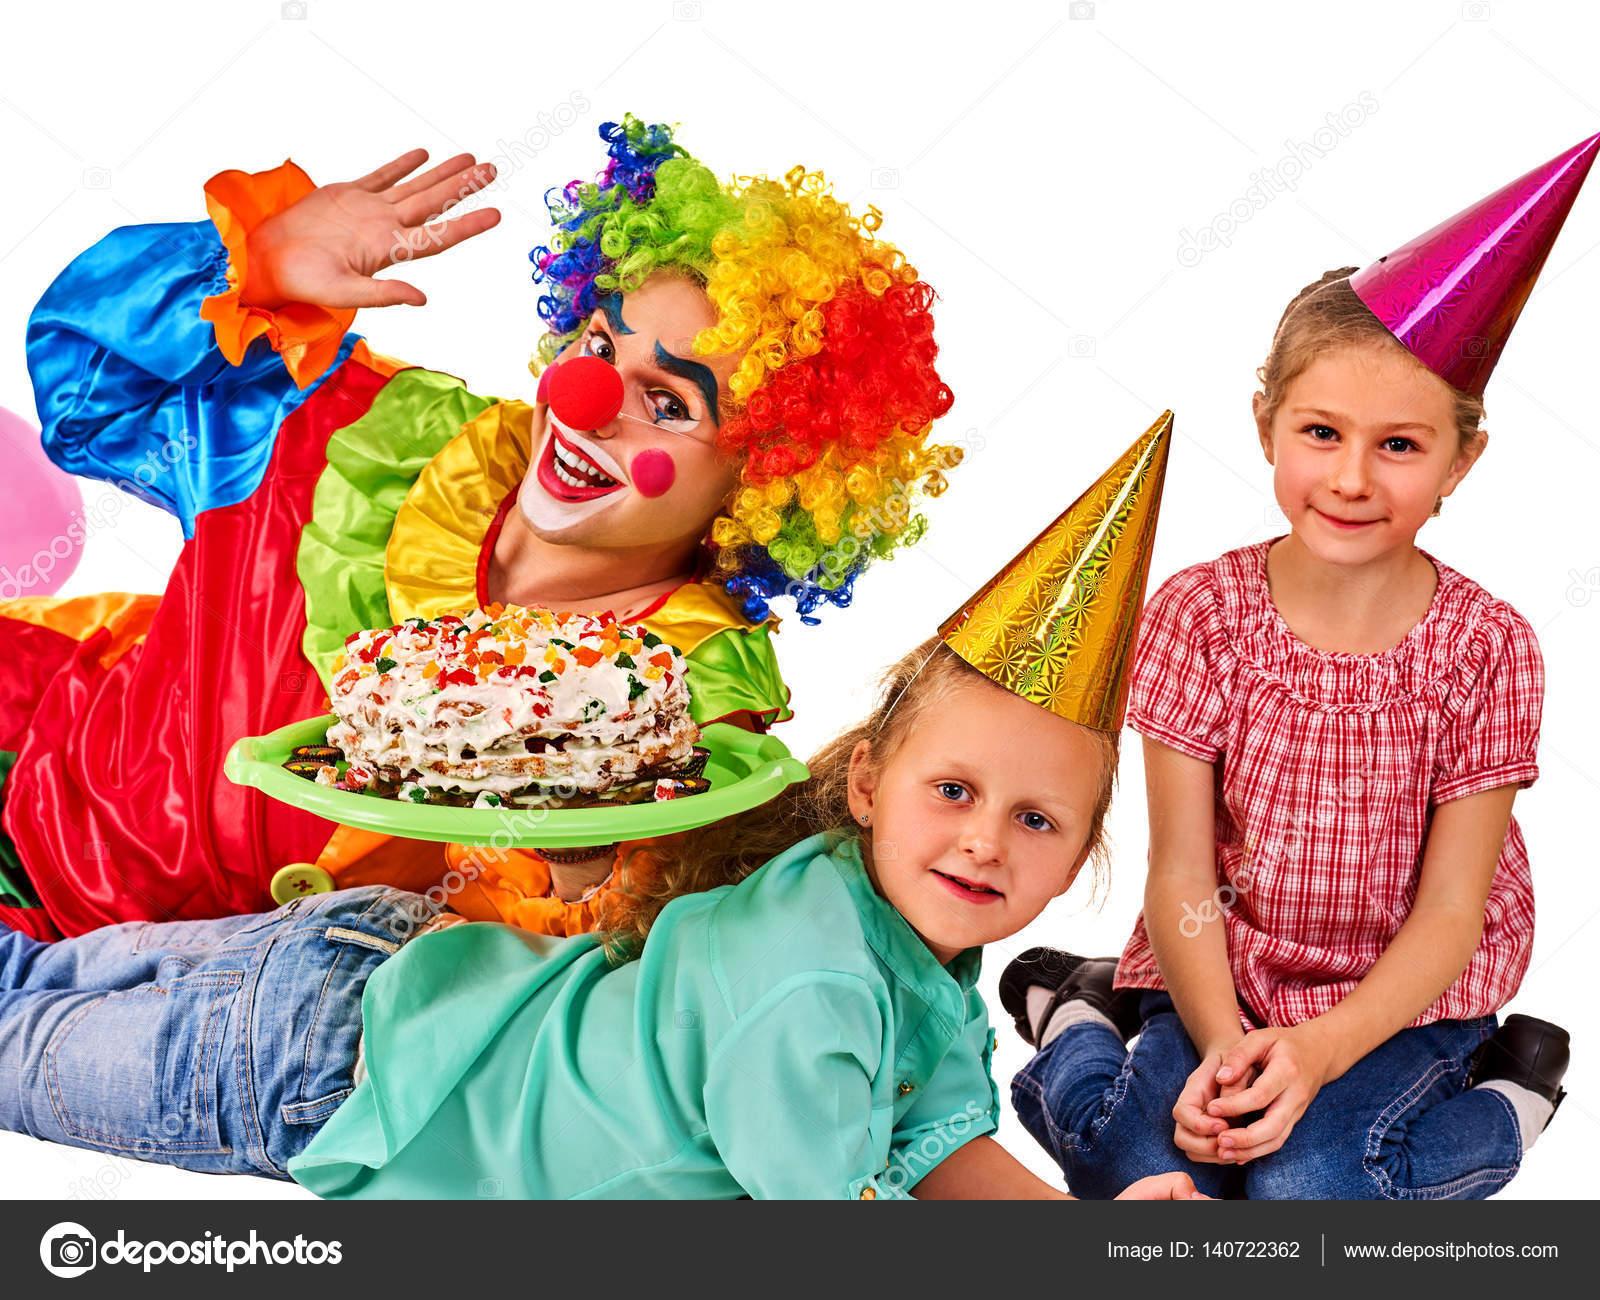 Дитячі свята Торти святкові в руках людини Організатором події. Весело  група людей неправдивими поверху на білому тлі — Фото від poznyakov 343b9d962ed6c